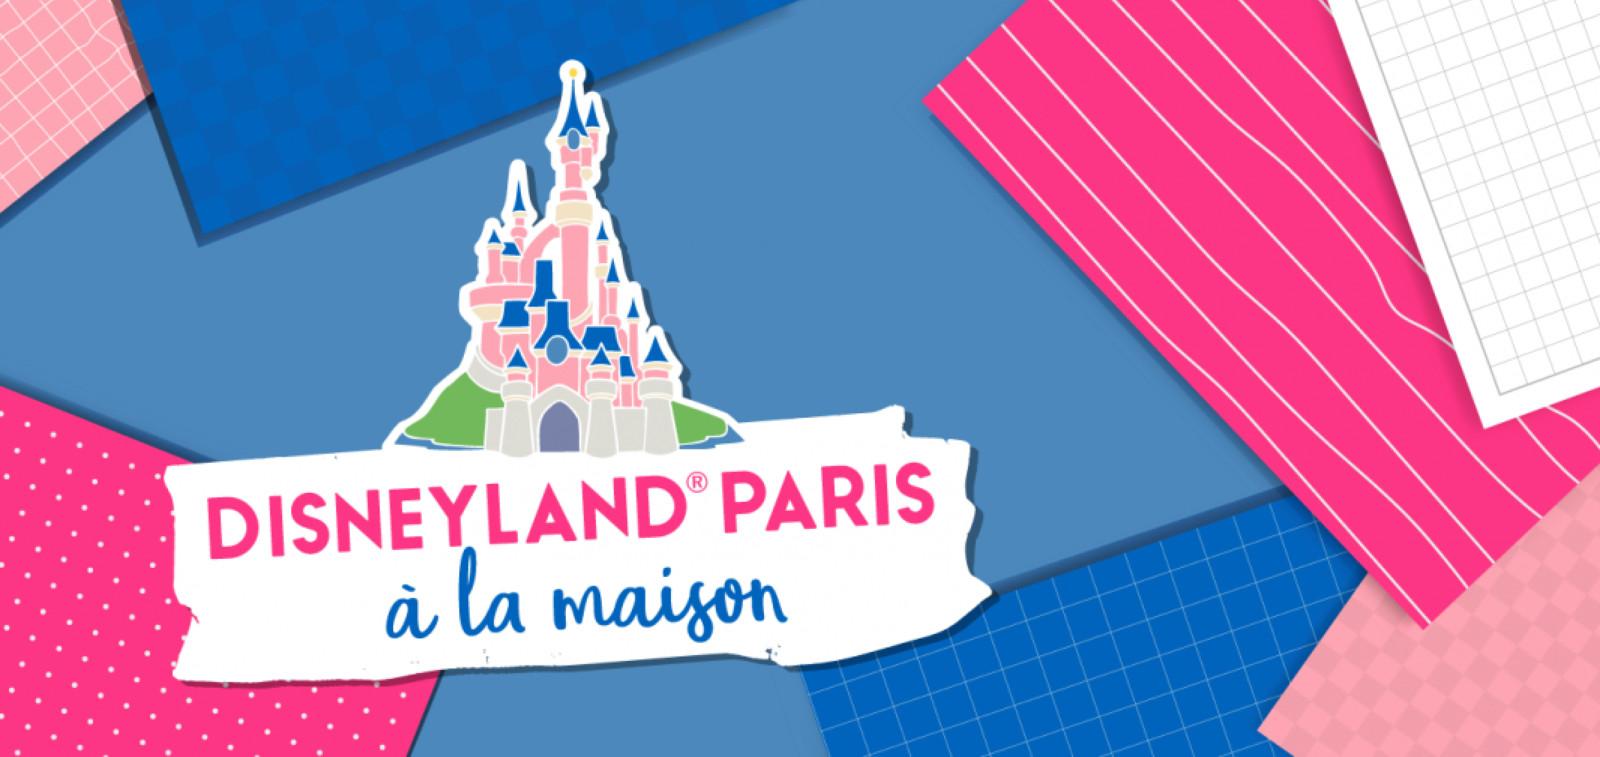 Disneyland Paris at home